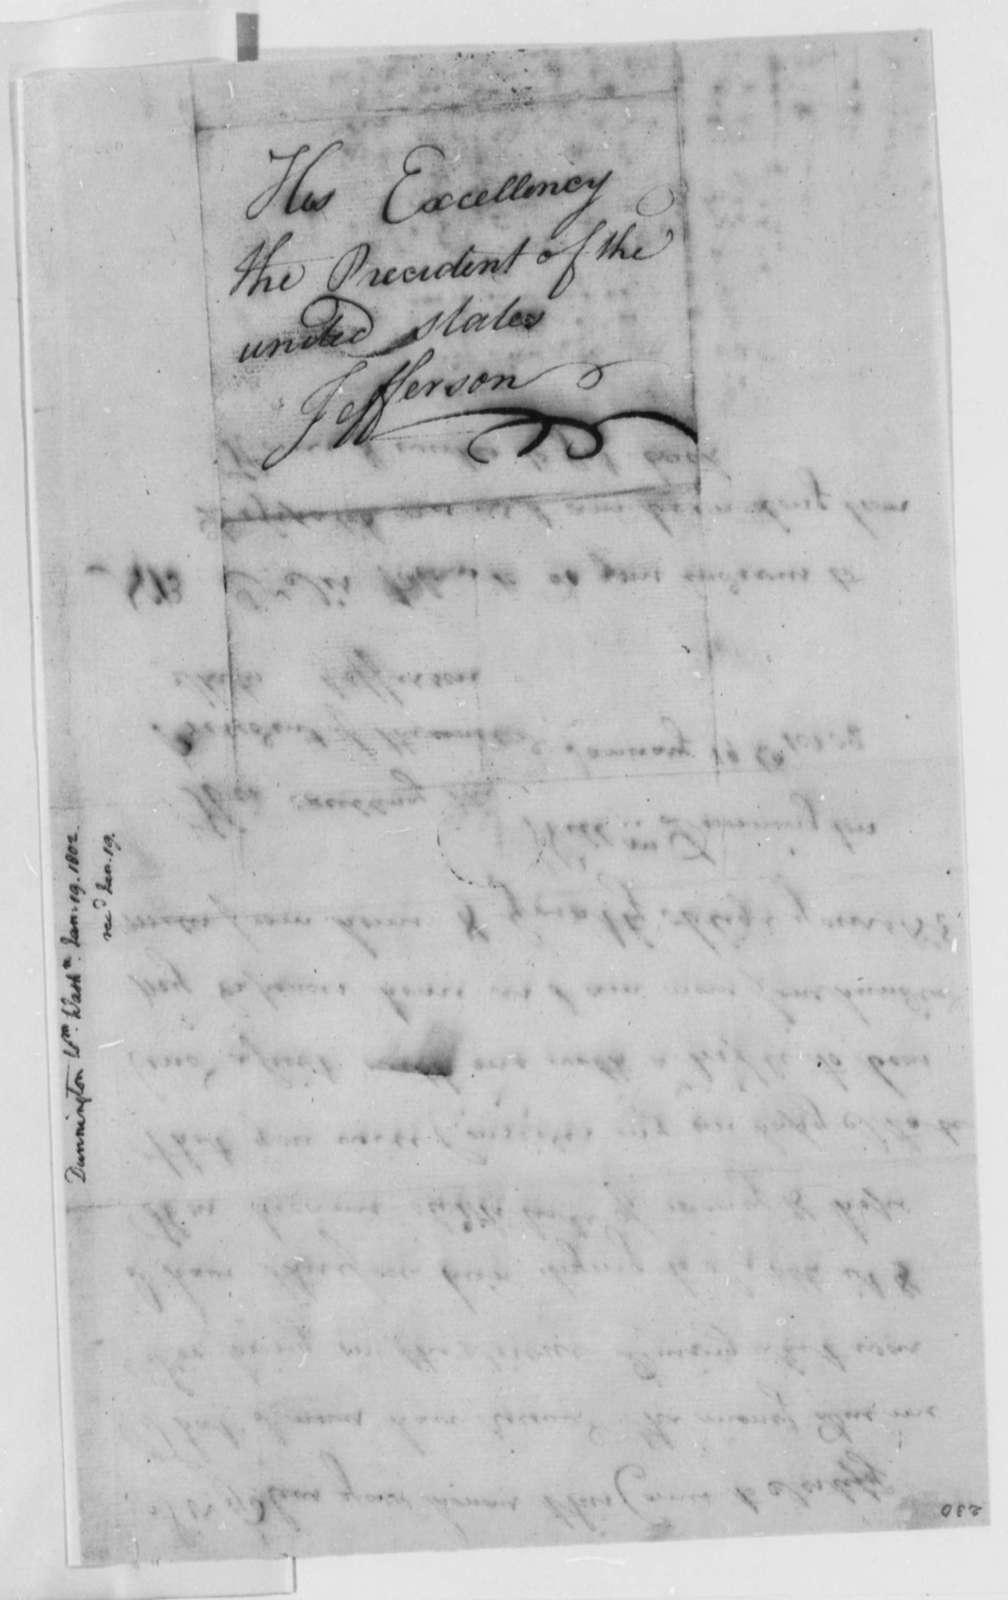 William Dunnington to Thomas Jefferson, January 19, 1802